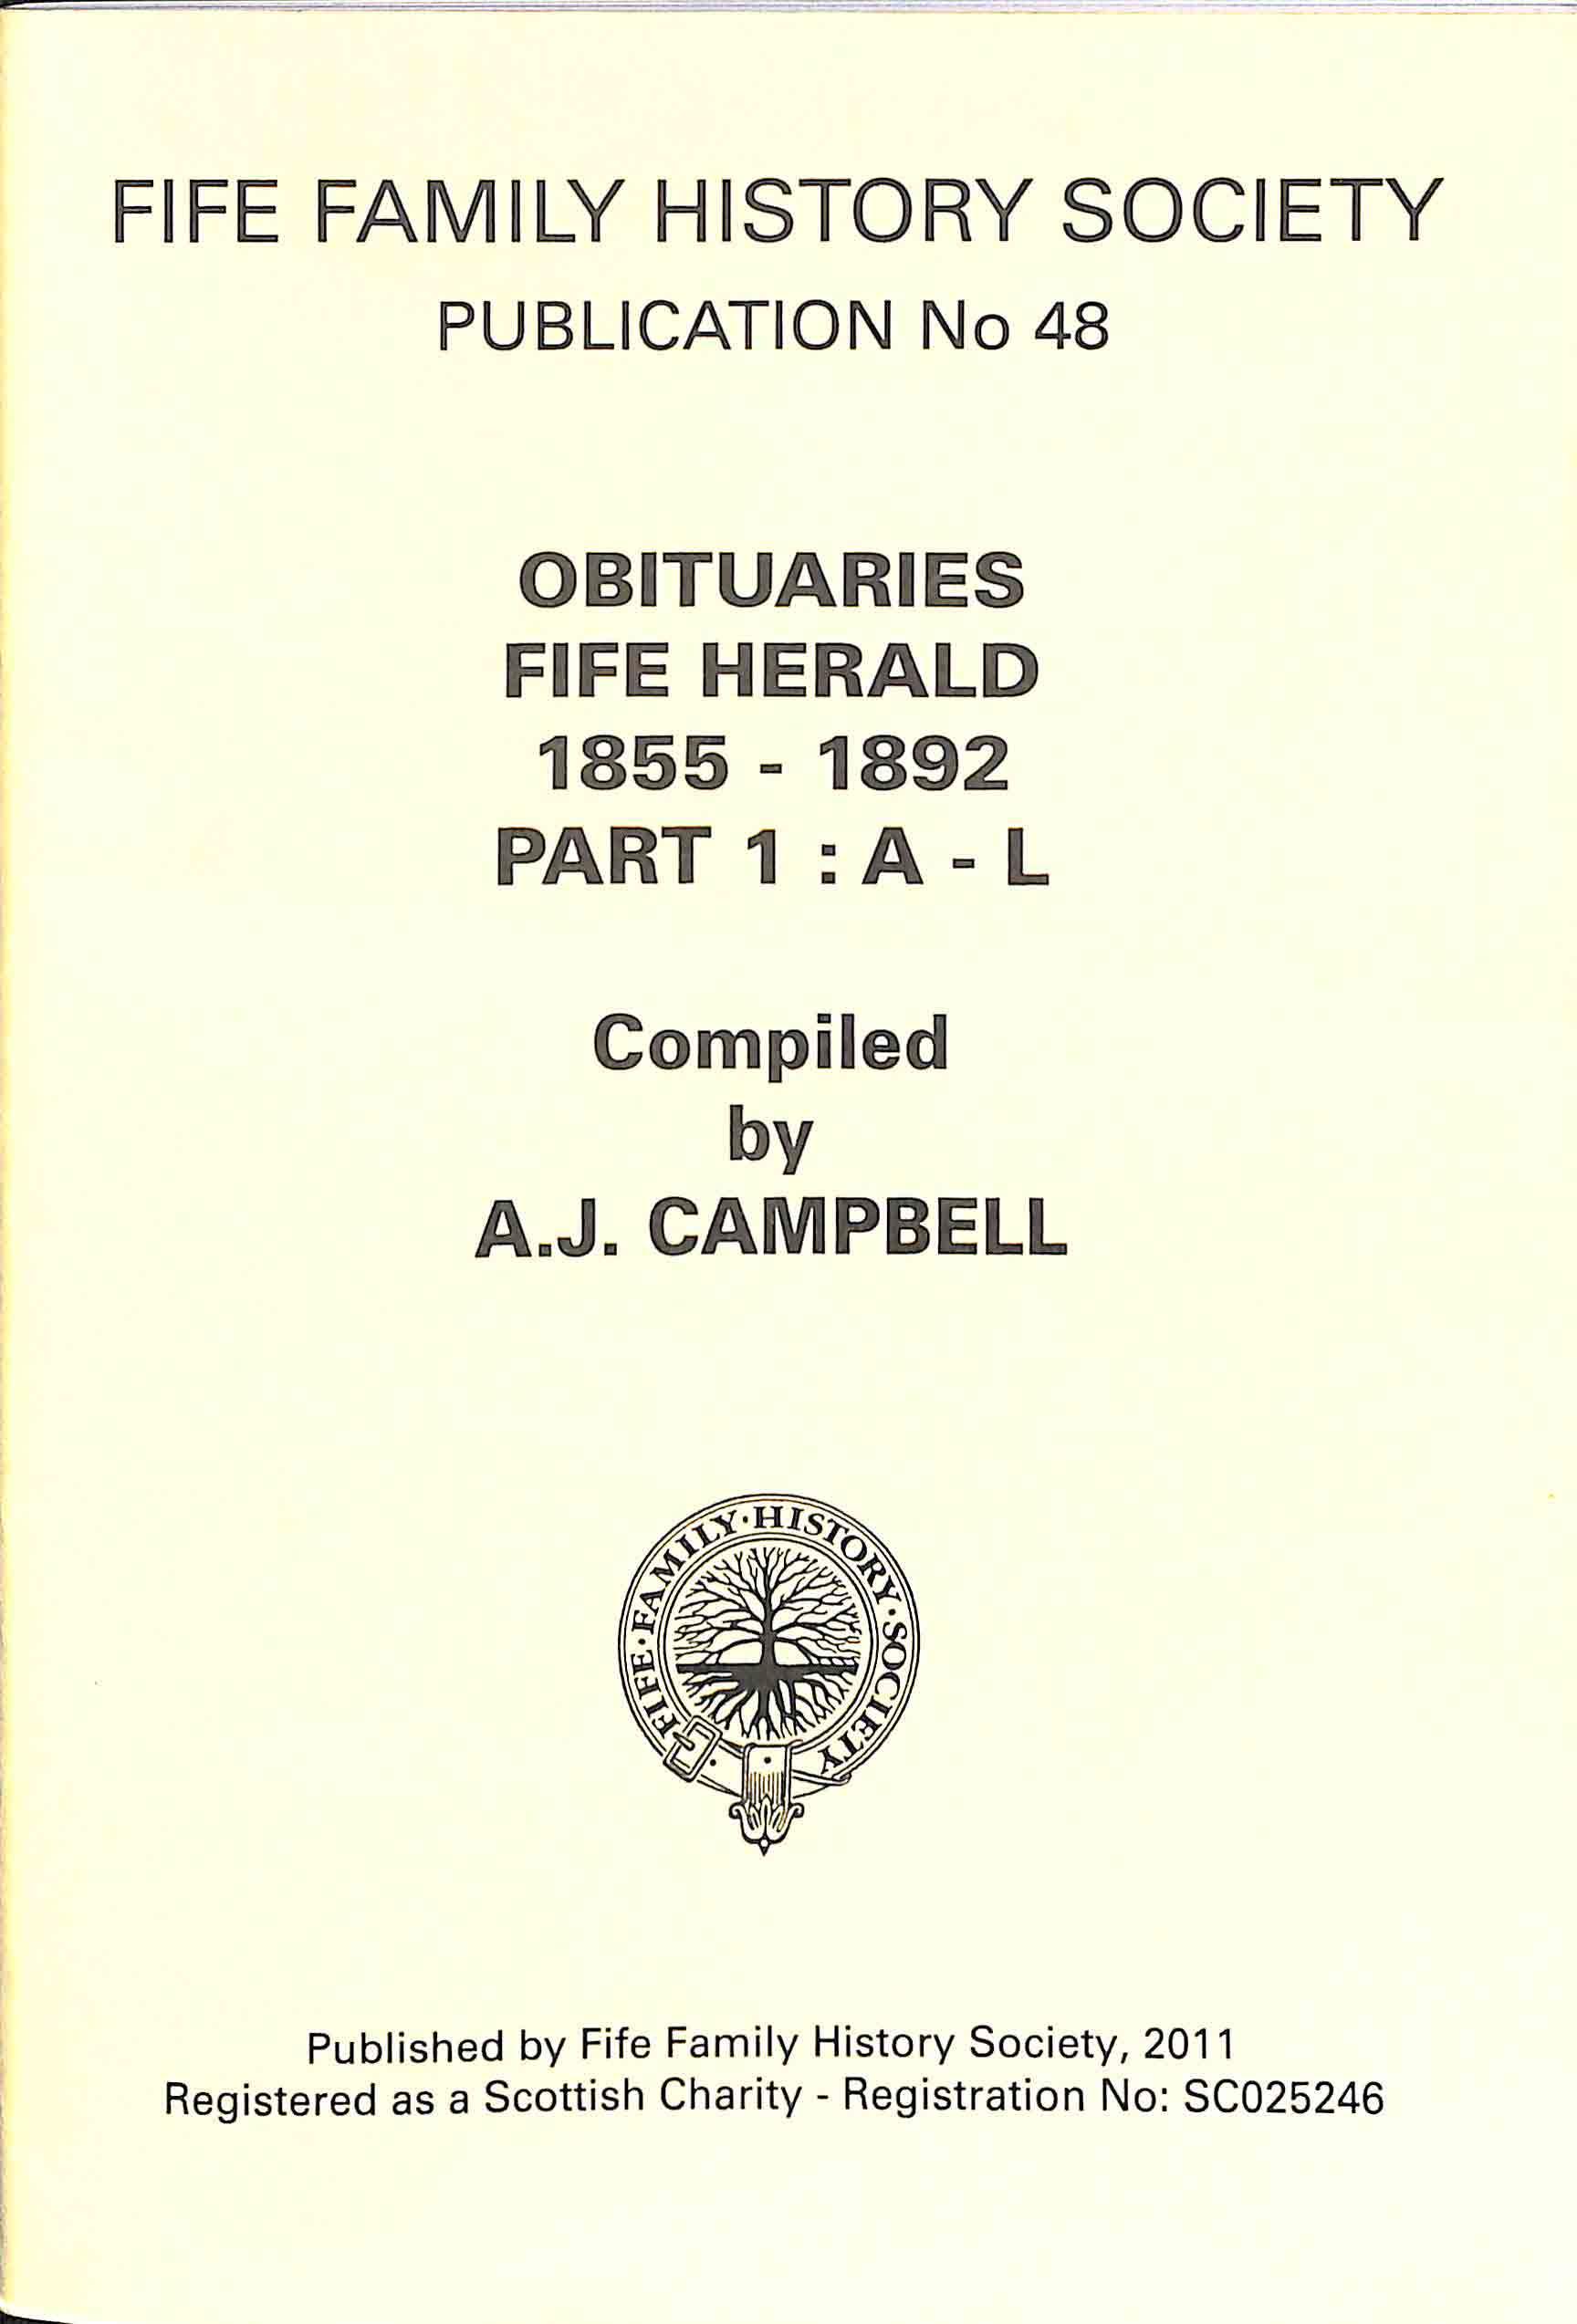 Publication 48,Obituaries, Fife Herald, 1855-1892, Part 1 : A- L